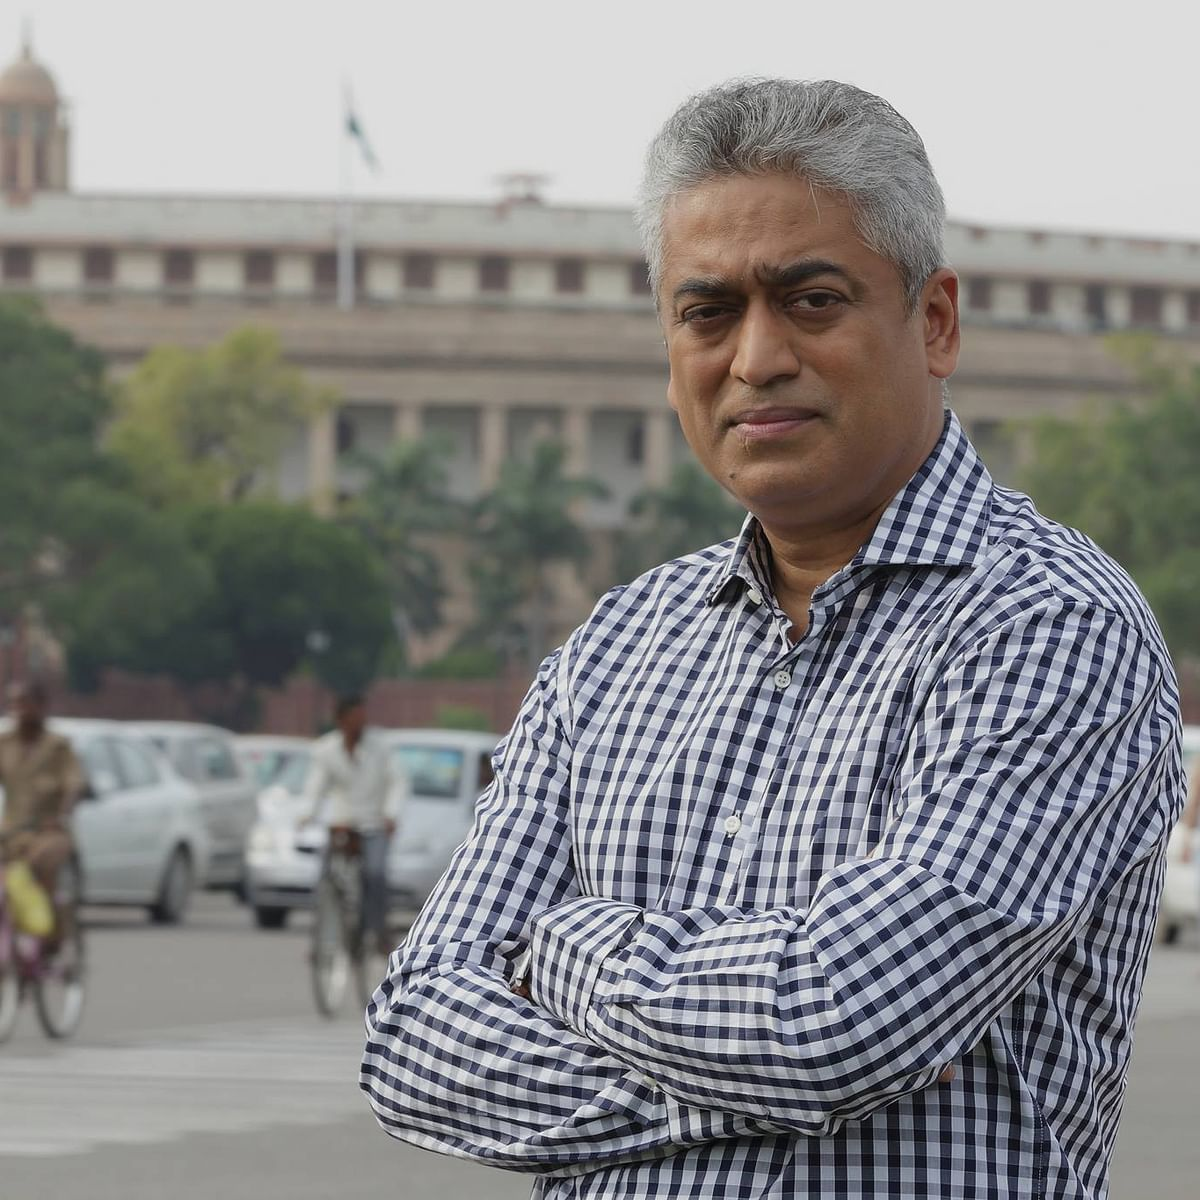 Why has SC registered suo moto criminal contempt case against Rajdeep Sardesai?